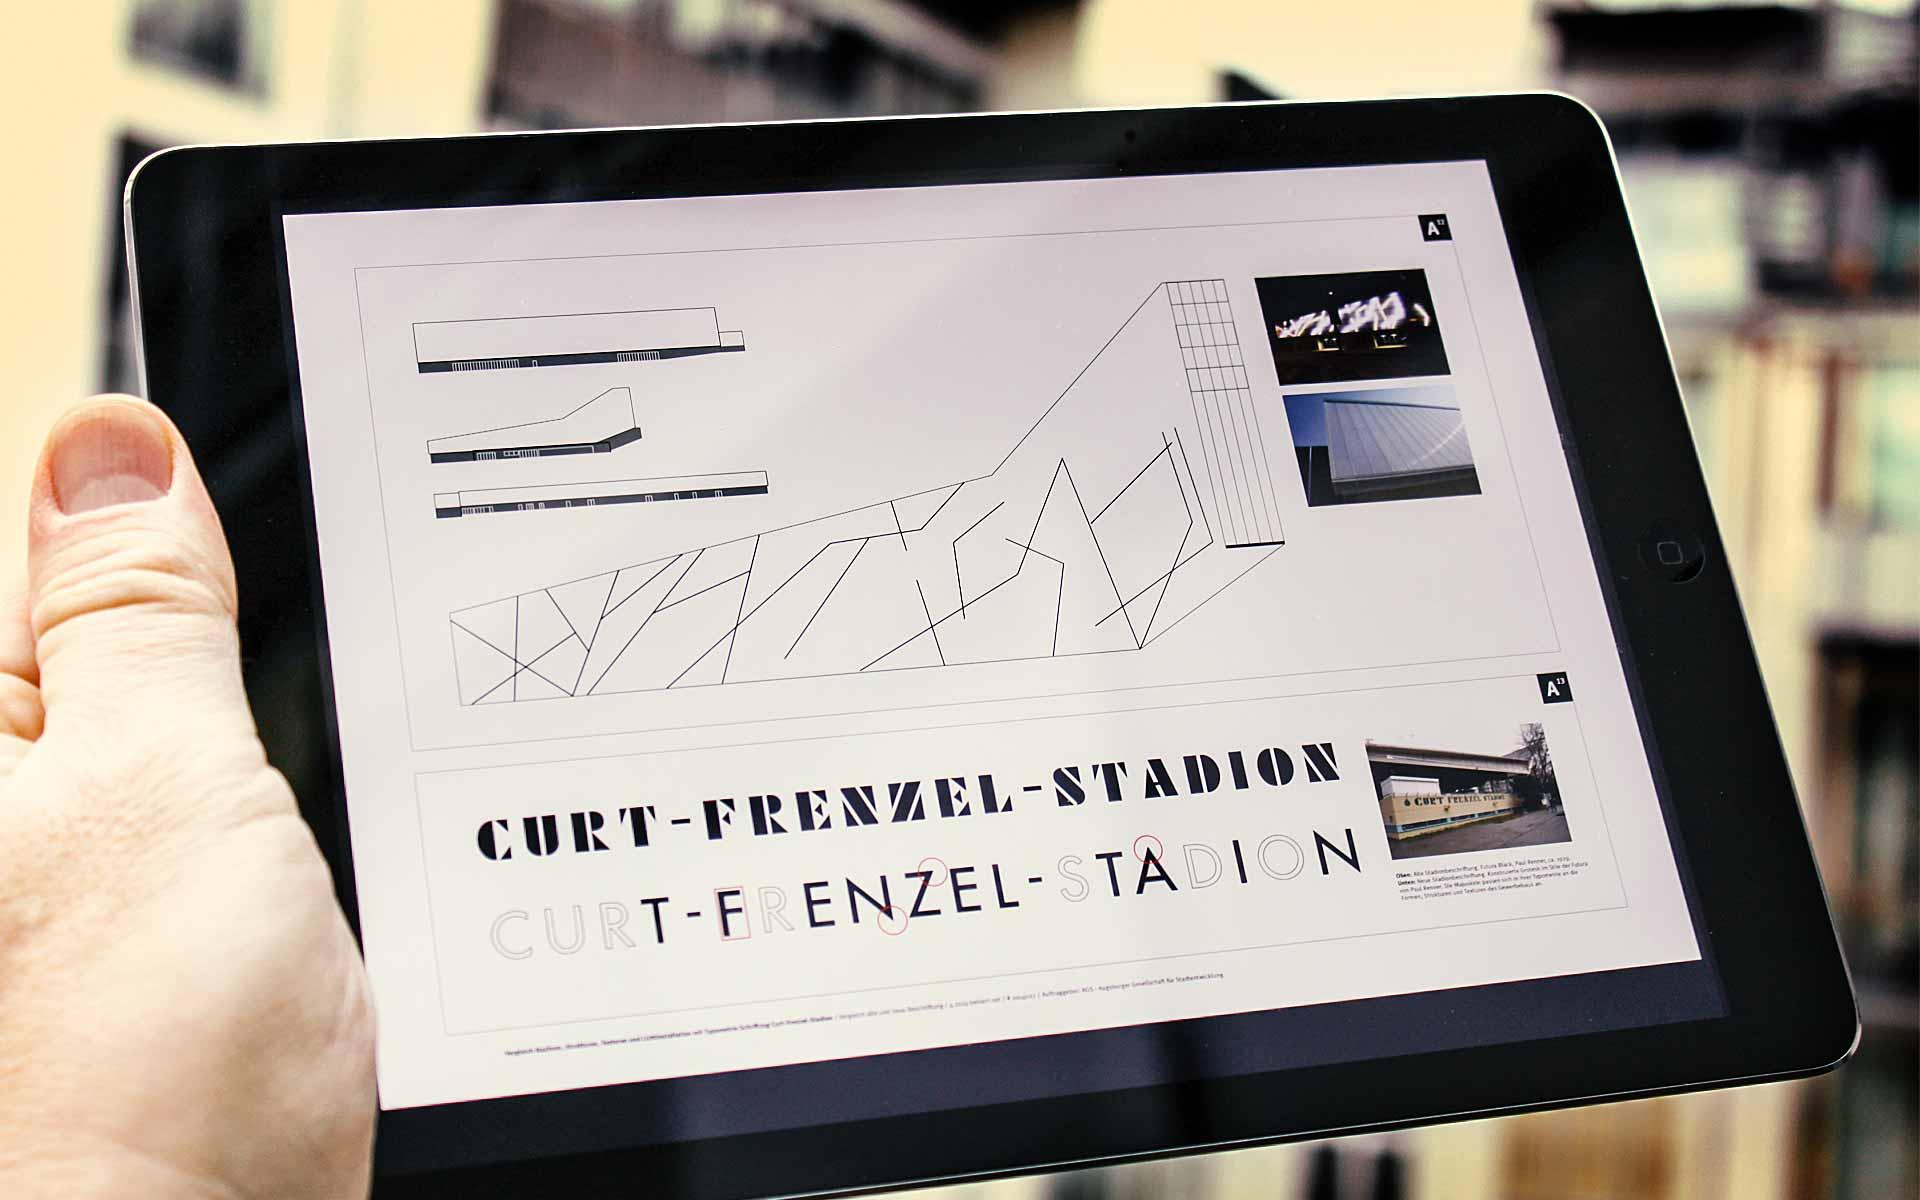 Stadt Augsburg, Curt-Frenzel-Stadion, Vergleich alter und neuer Schriftzug.